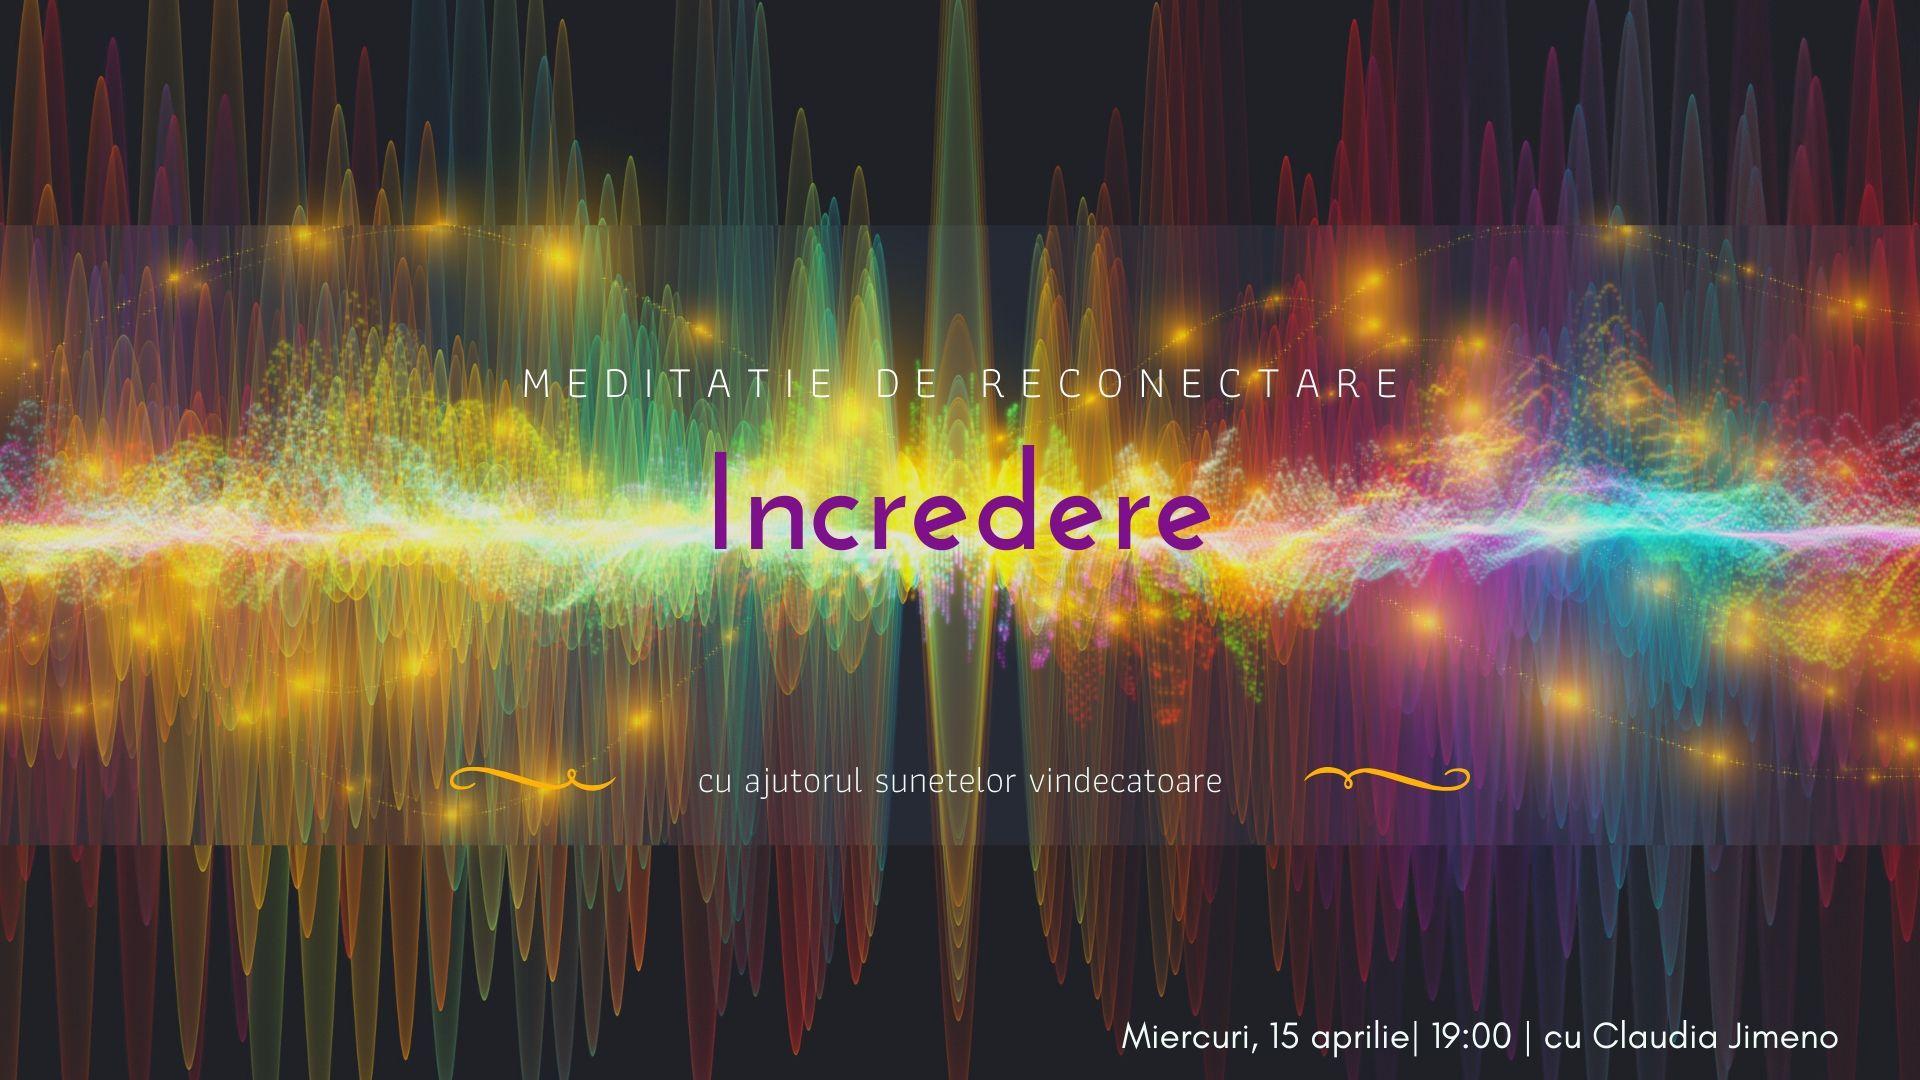 Meditatie cu sunete vindecatoare | incredere